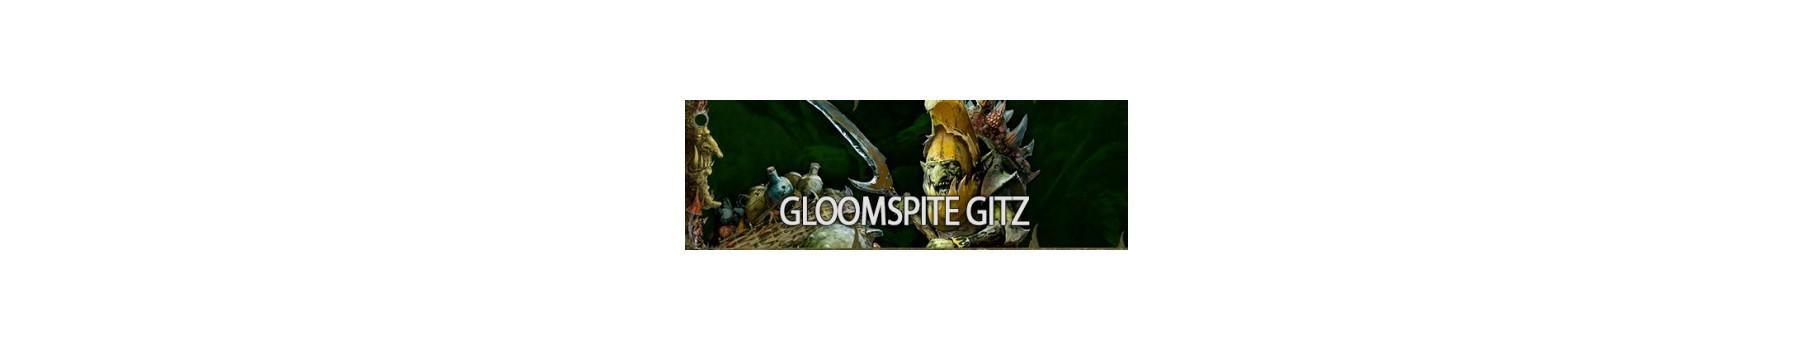 L'Armée des Gloomspite Gitz de votre Ludicaire Au Chapeau Enchanté